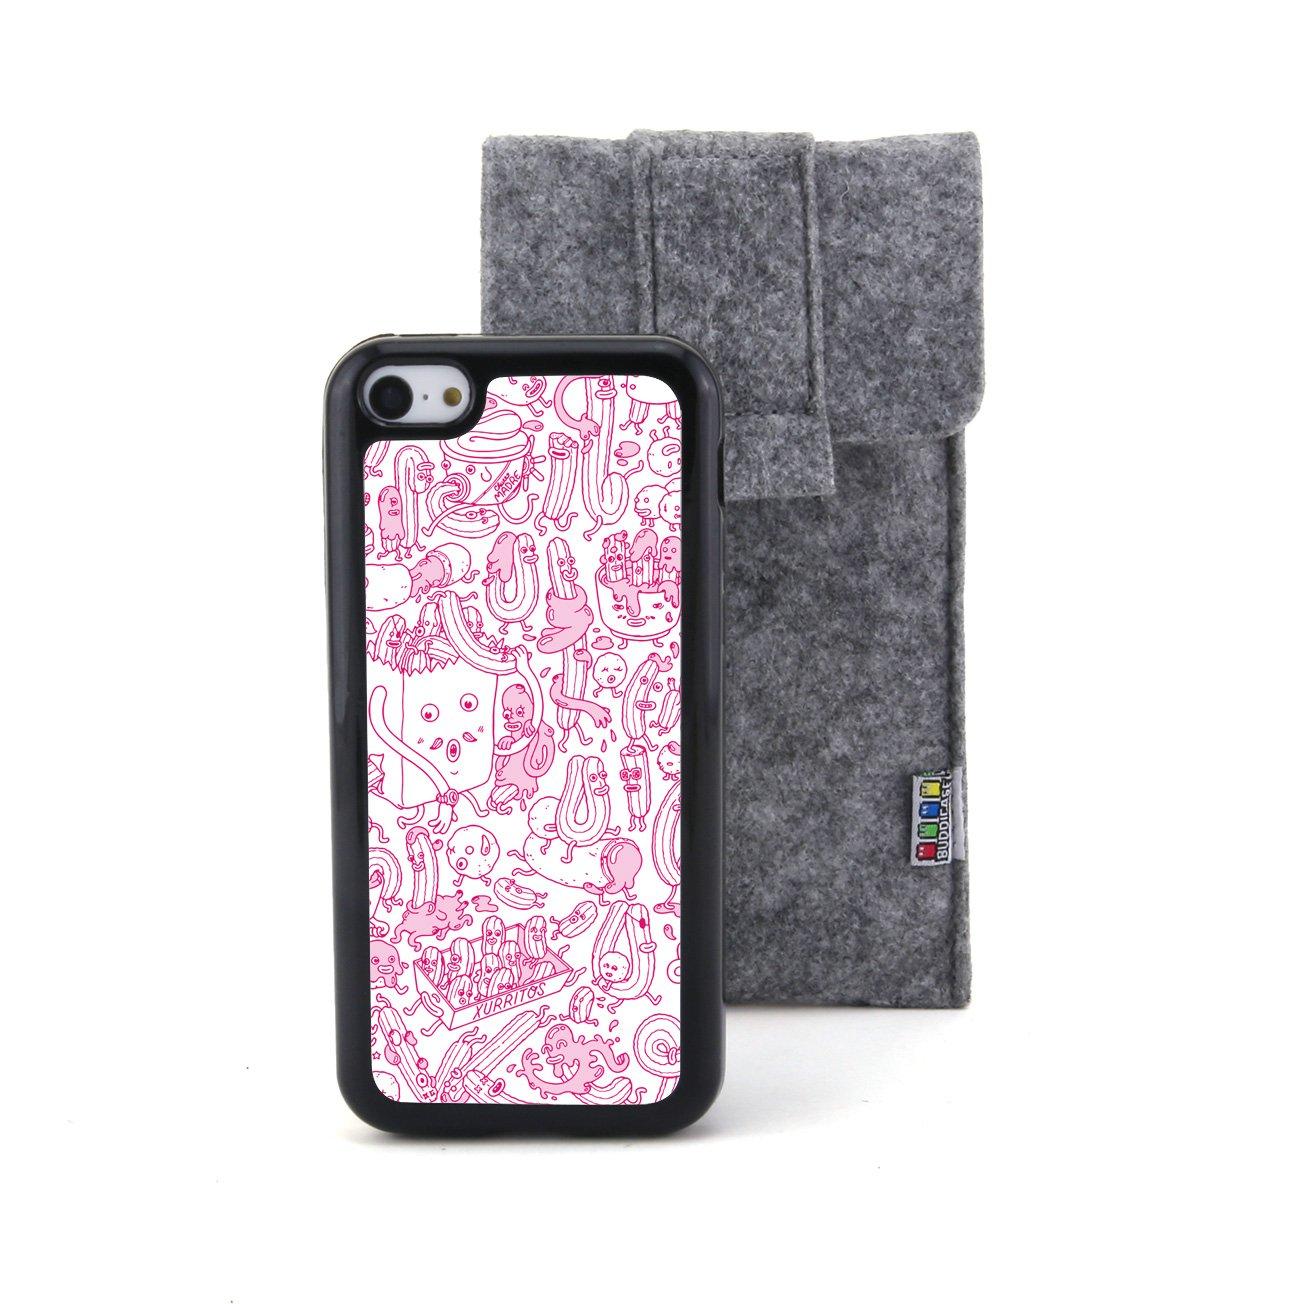 粉色 卡通动物甜甜圈浮雕设计风格 塑料 tpu手机壳 手机套 适用于